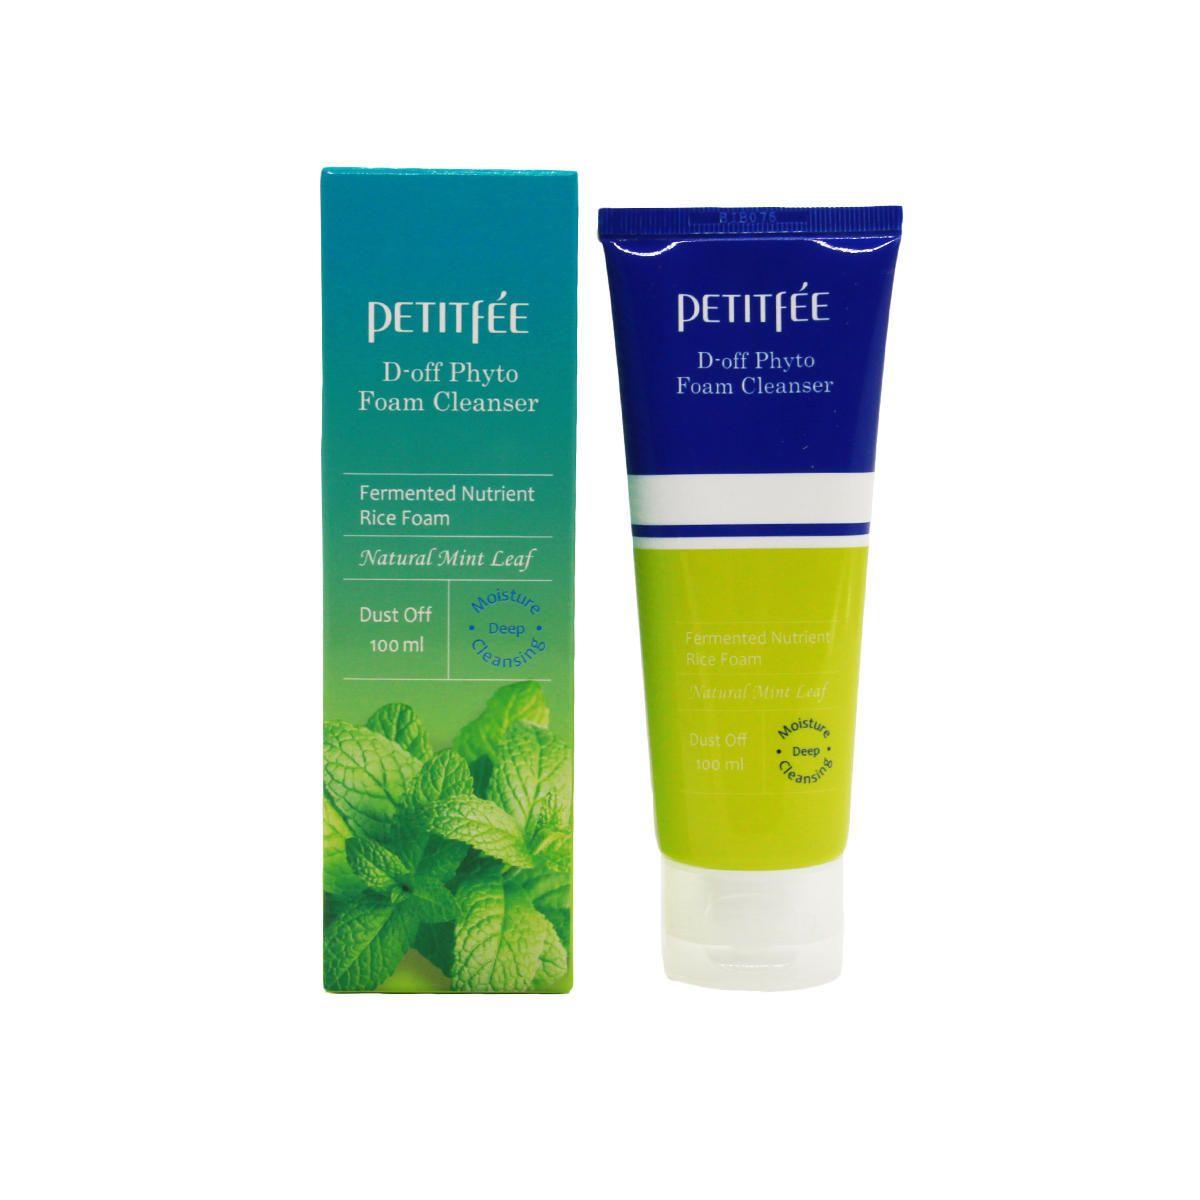 Пенка с мятой для глубокого очищения кожи Petitfee D-off Phyto Foam Cleanser - 100 мл